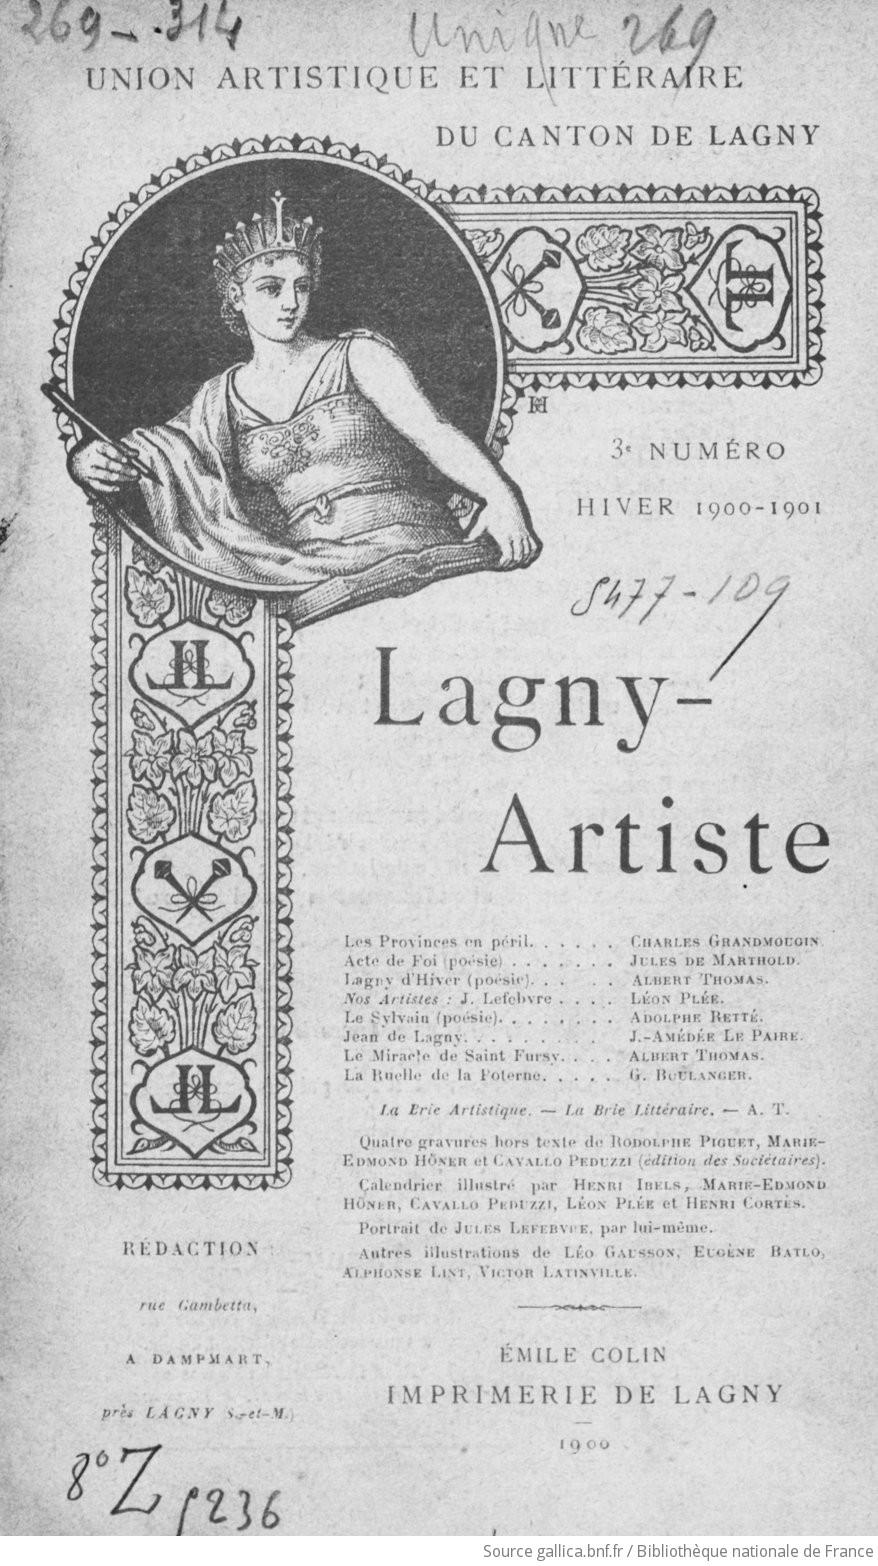 Lagny-artiste